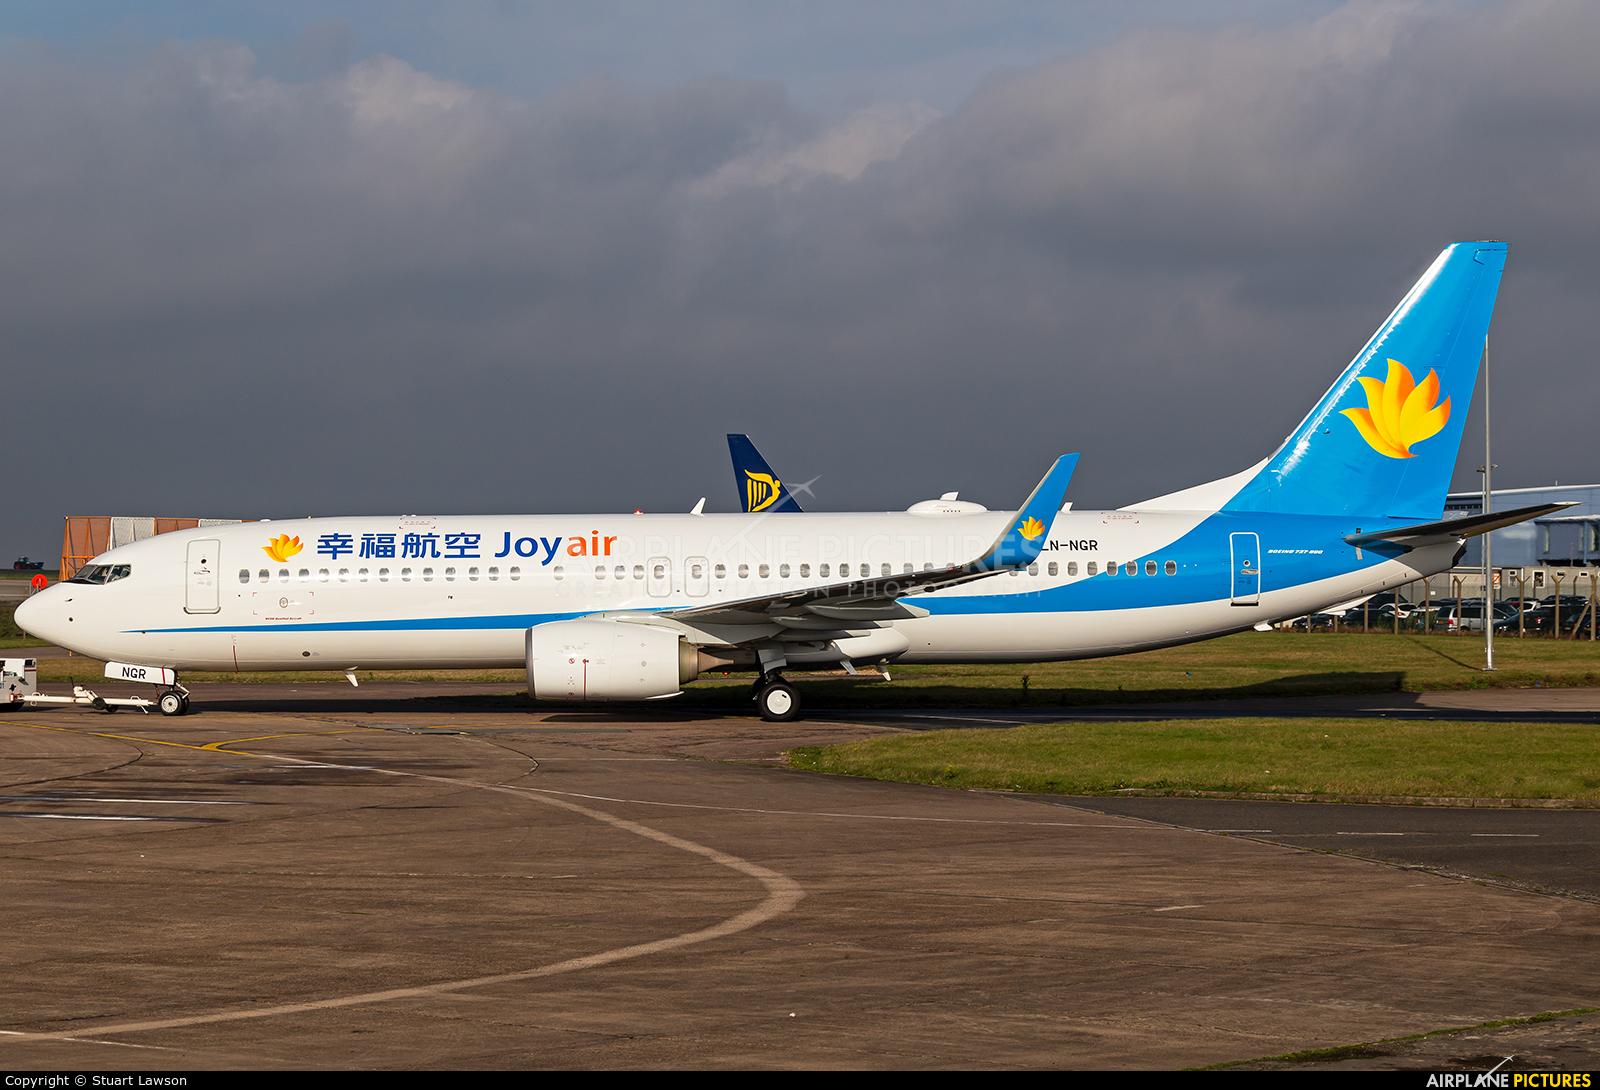 Joy Air LN-NGR aircraft at East Midlands